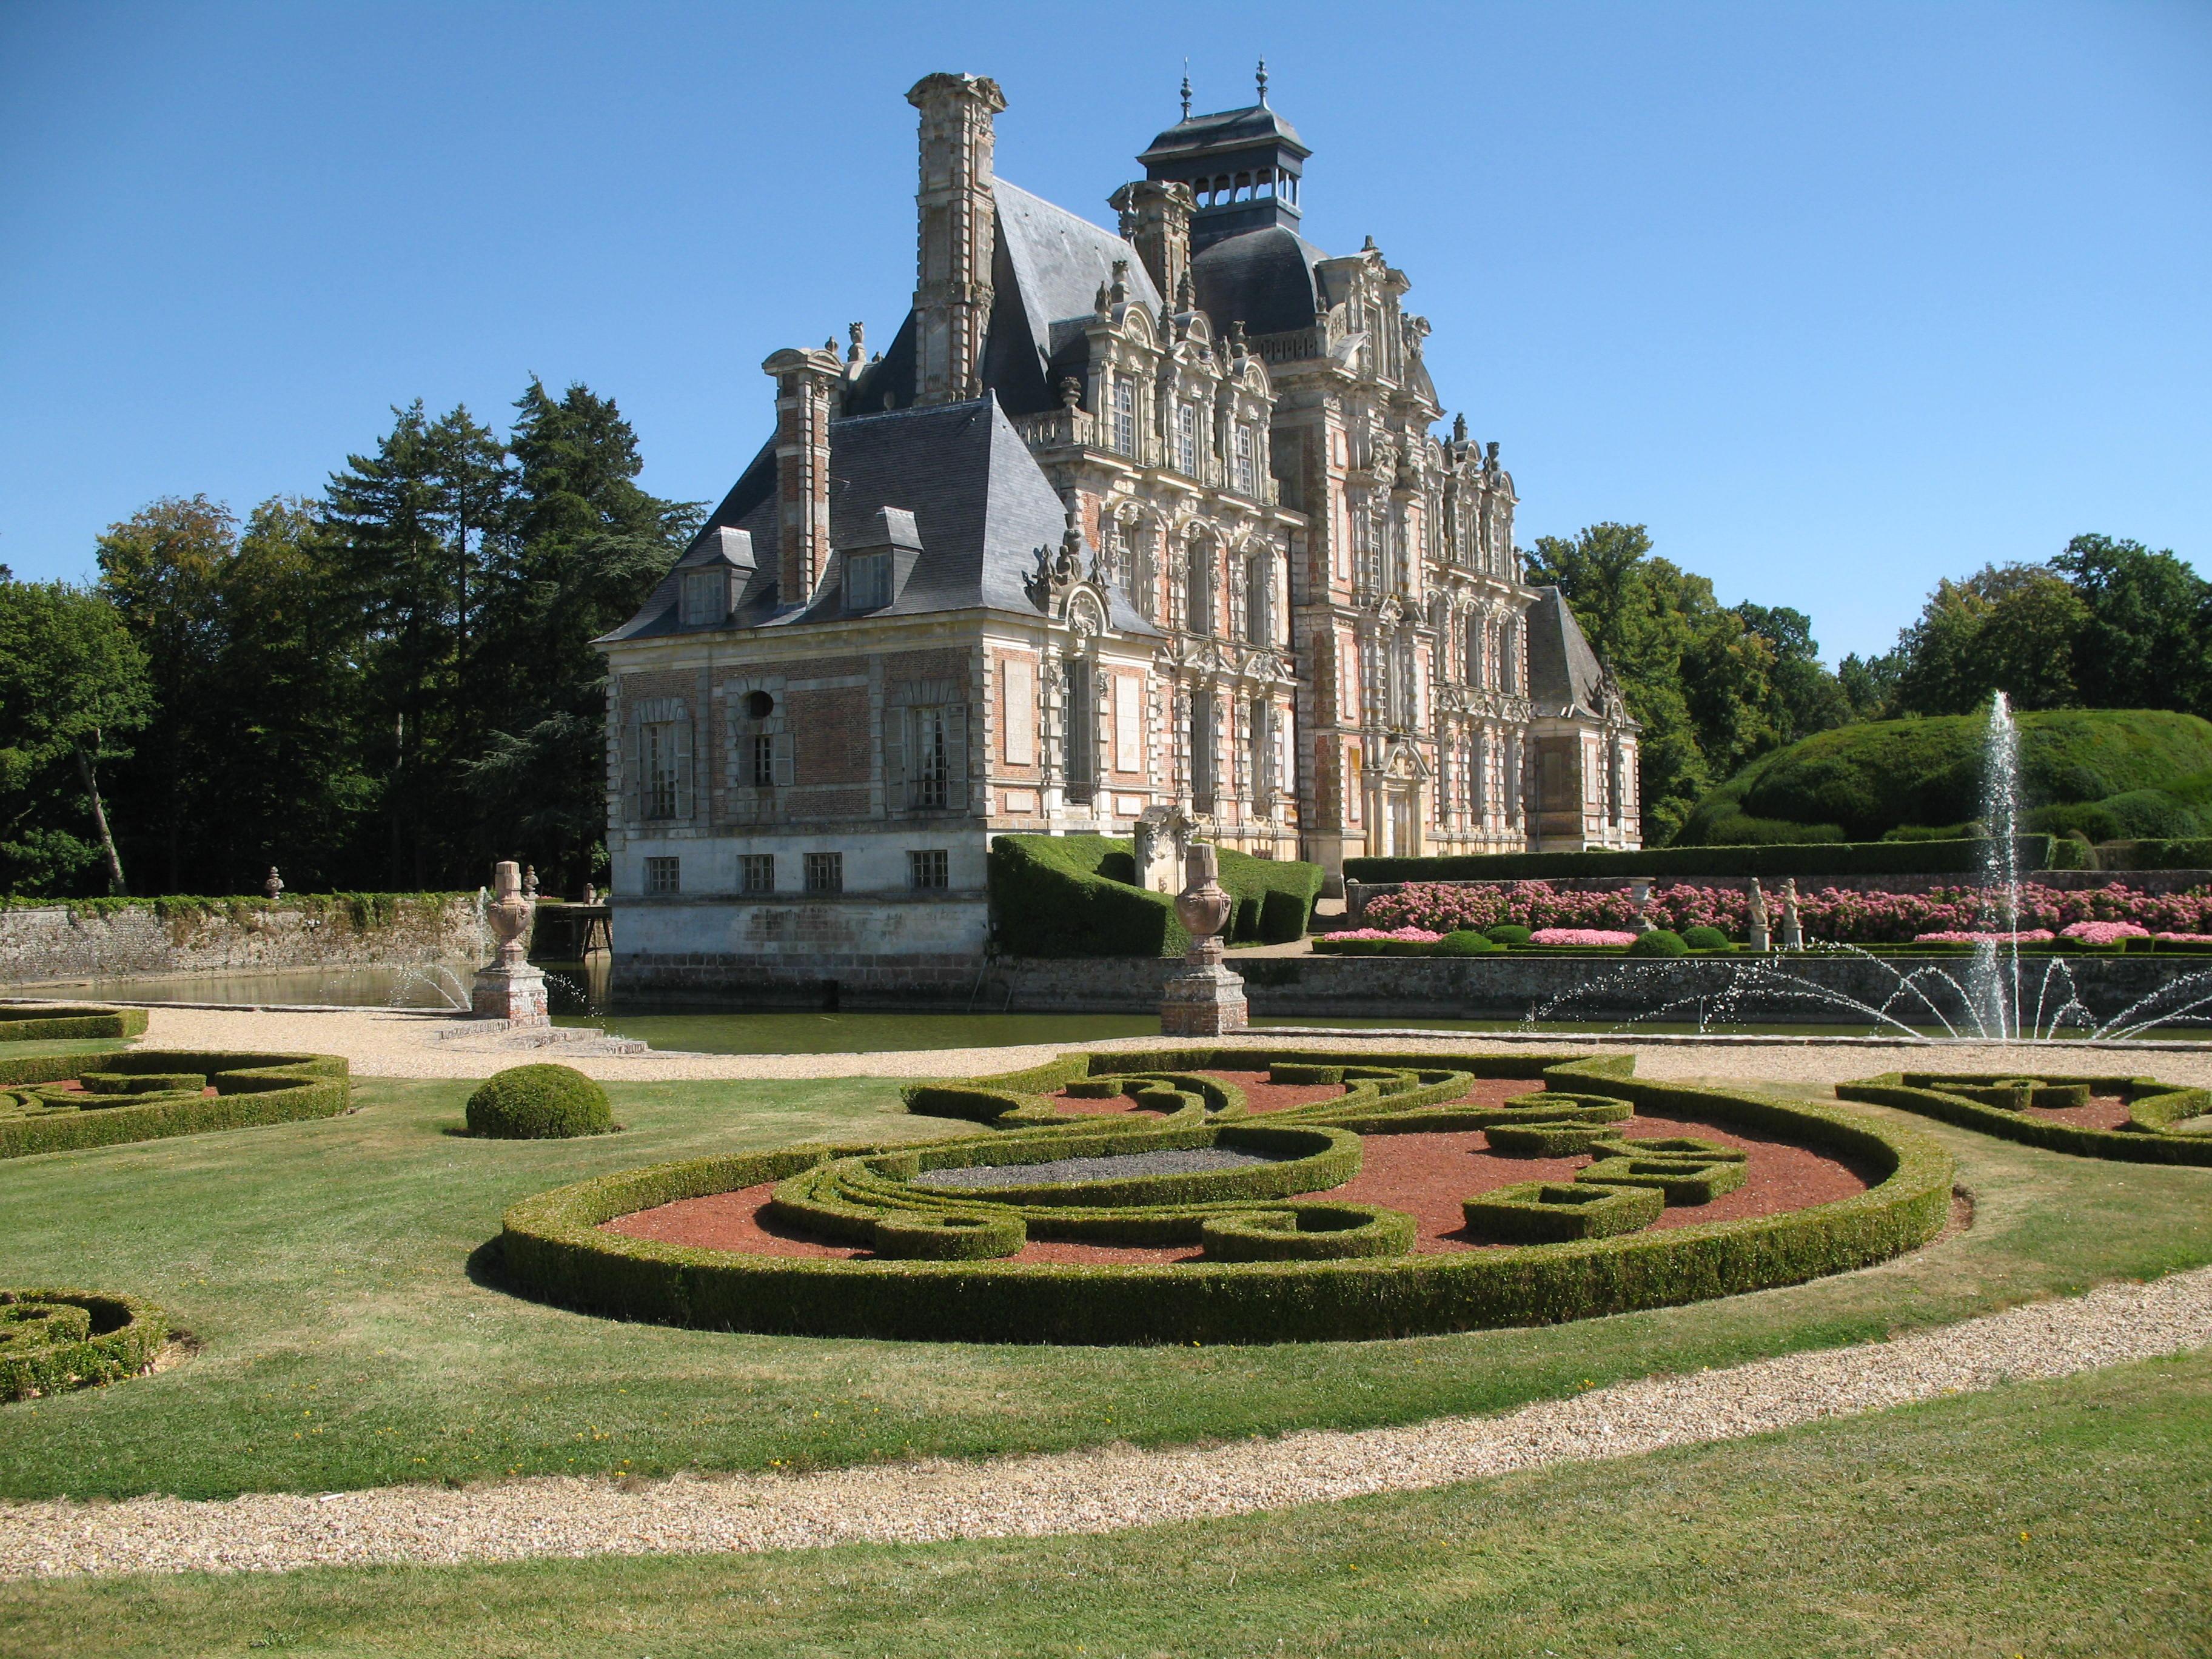 Halbmondgarten, dahinter Garten der vier Jahreszeiten, Foto von PHILDIC, Lizenz: public domain/gemeinfrei